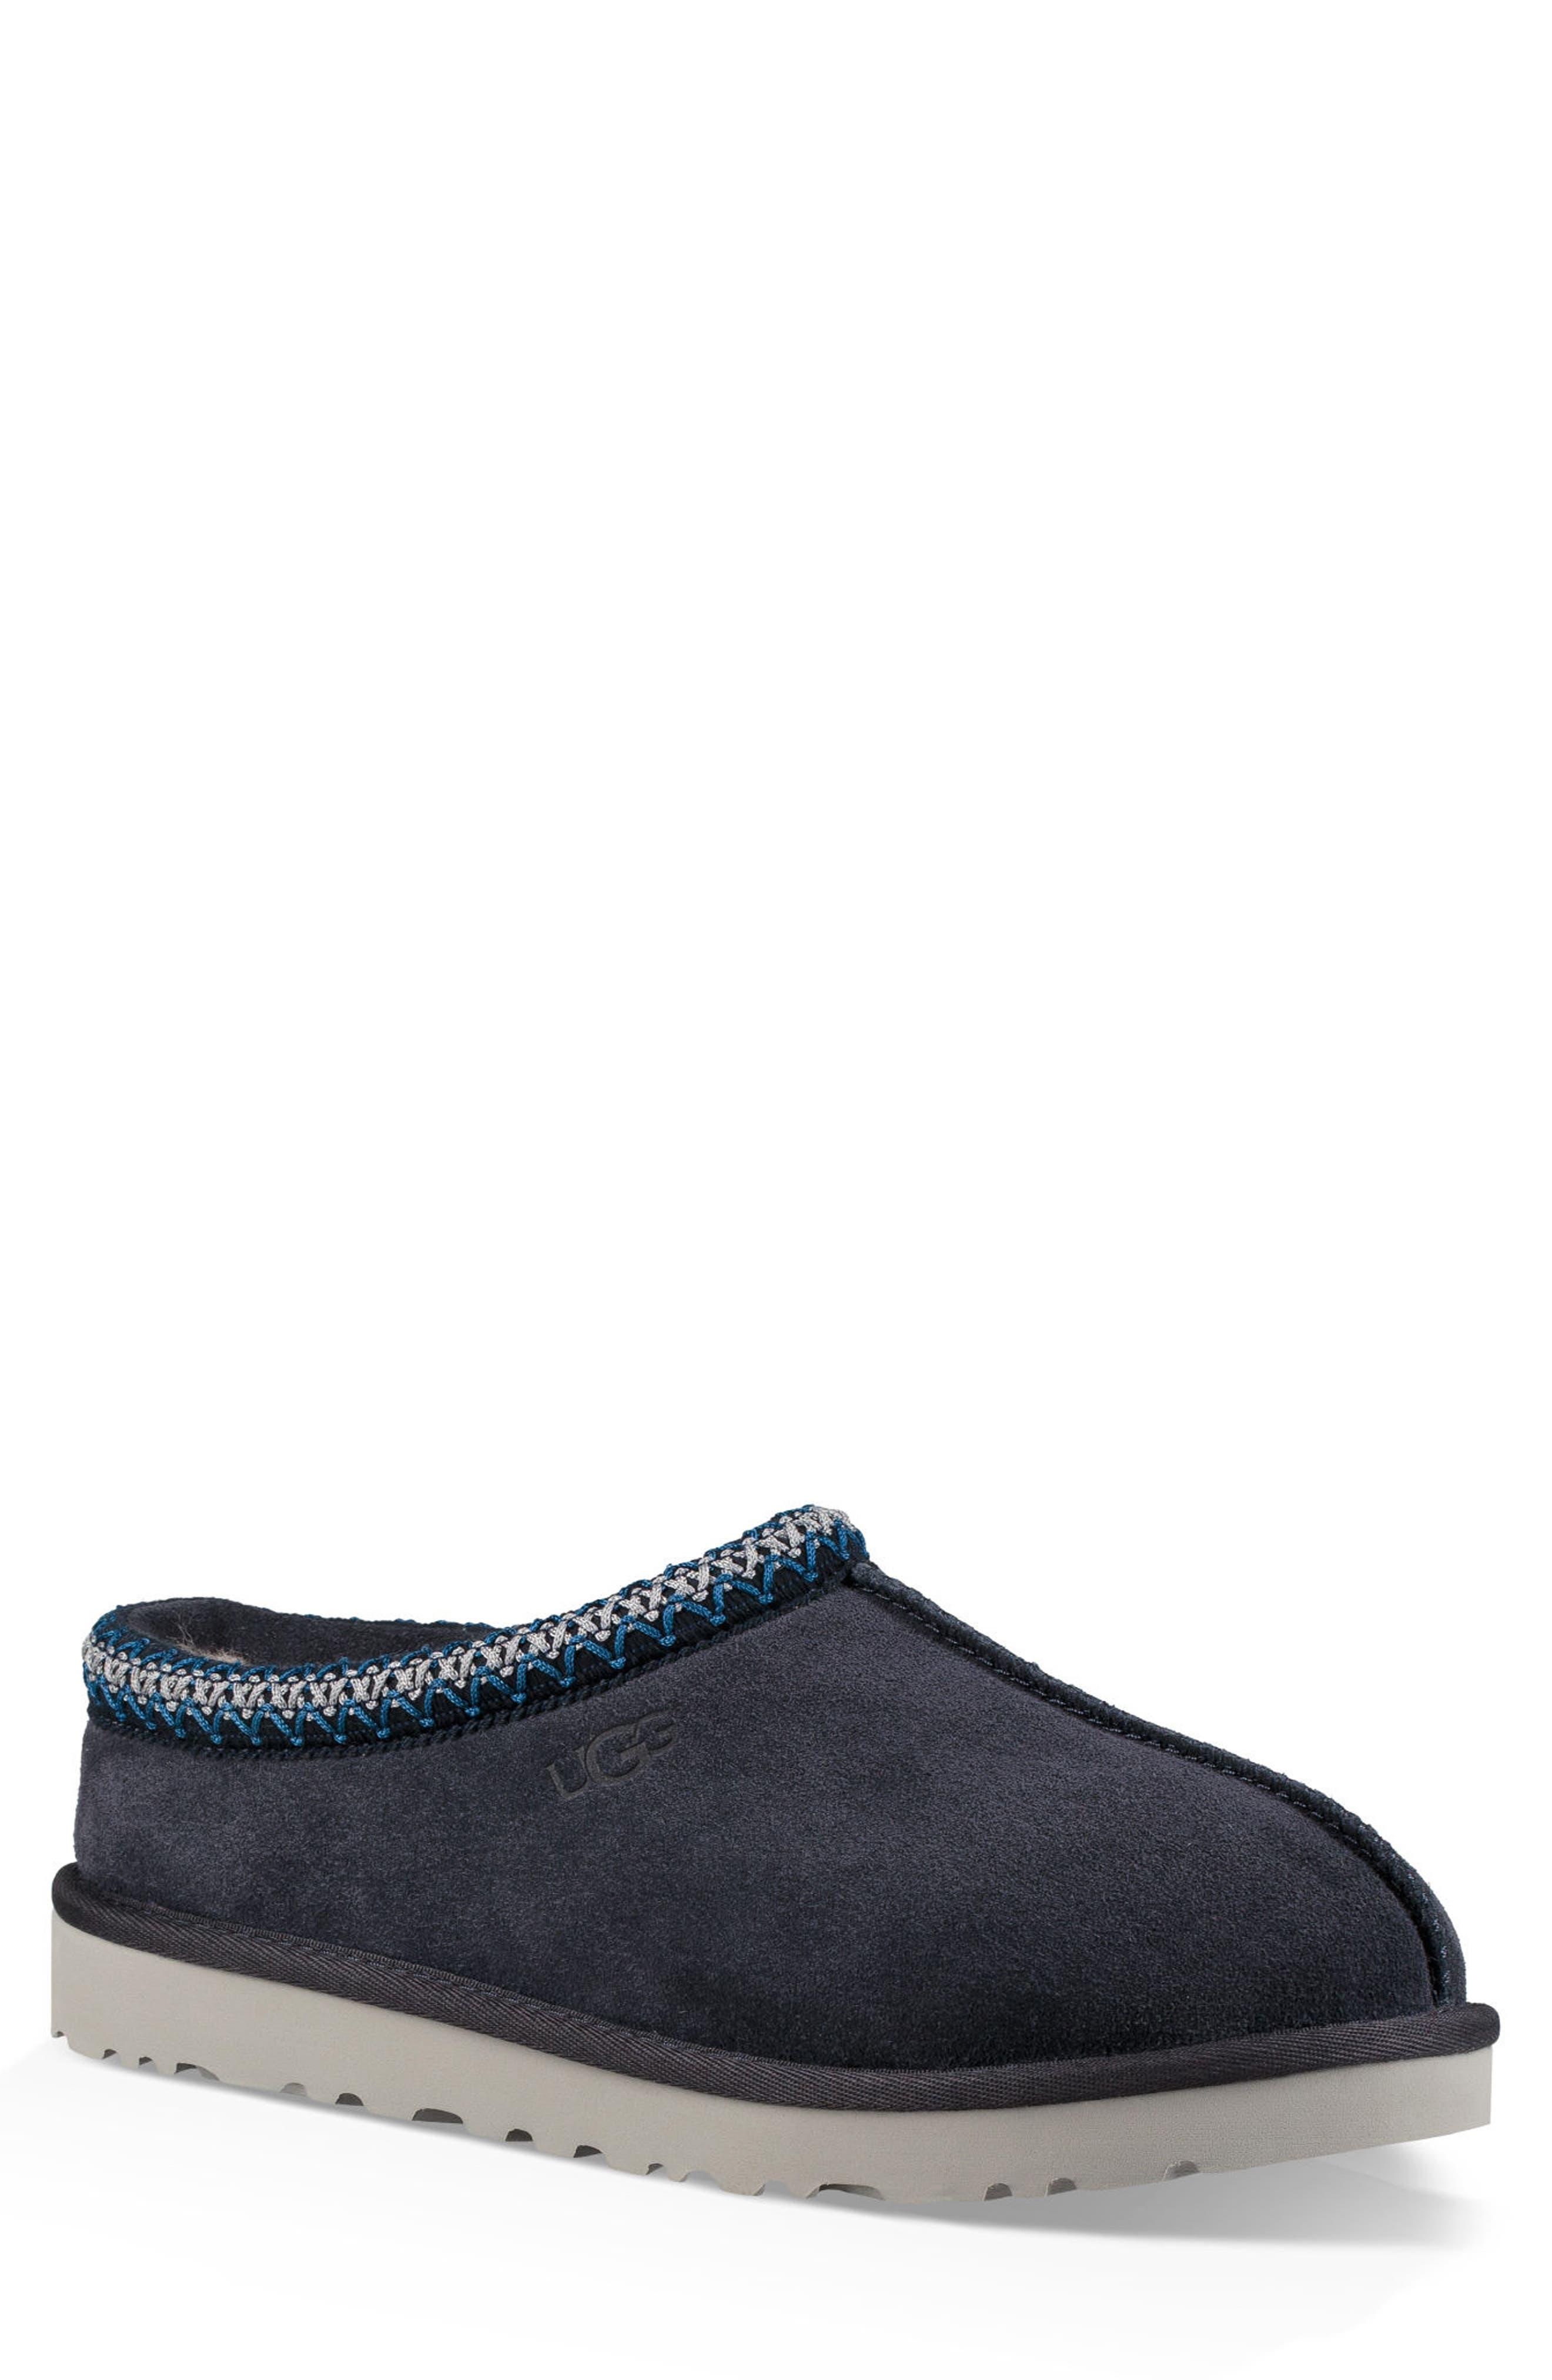 'Tasman' Slipper,                         Main,                         color, TRUE NAVY